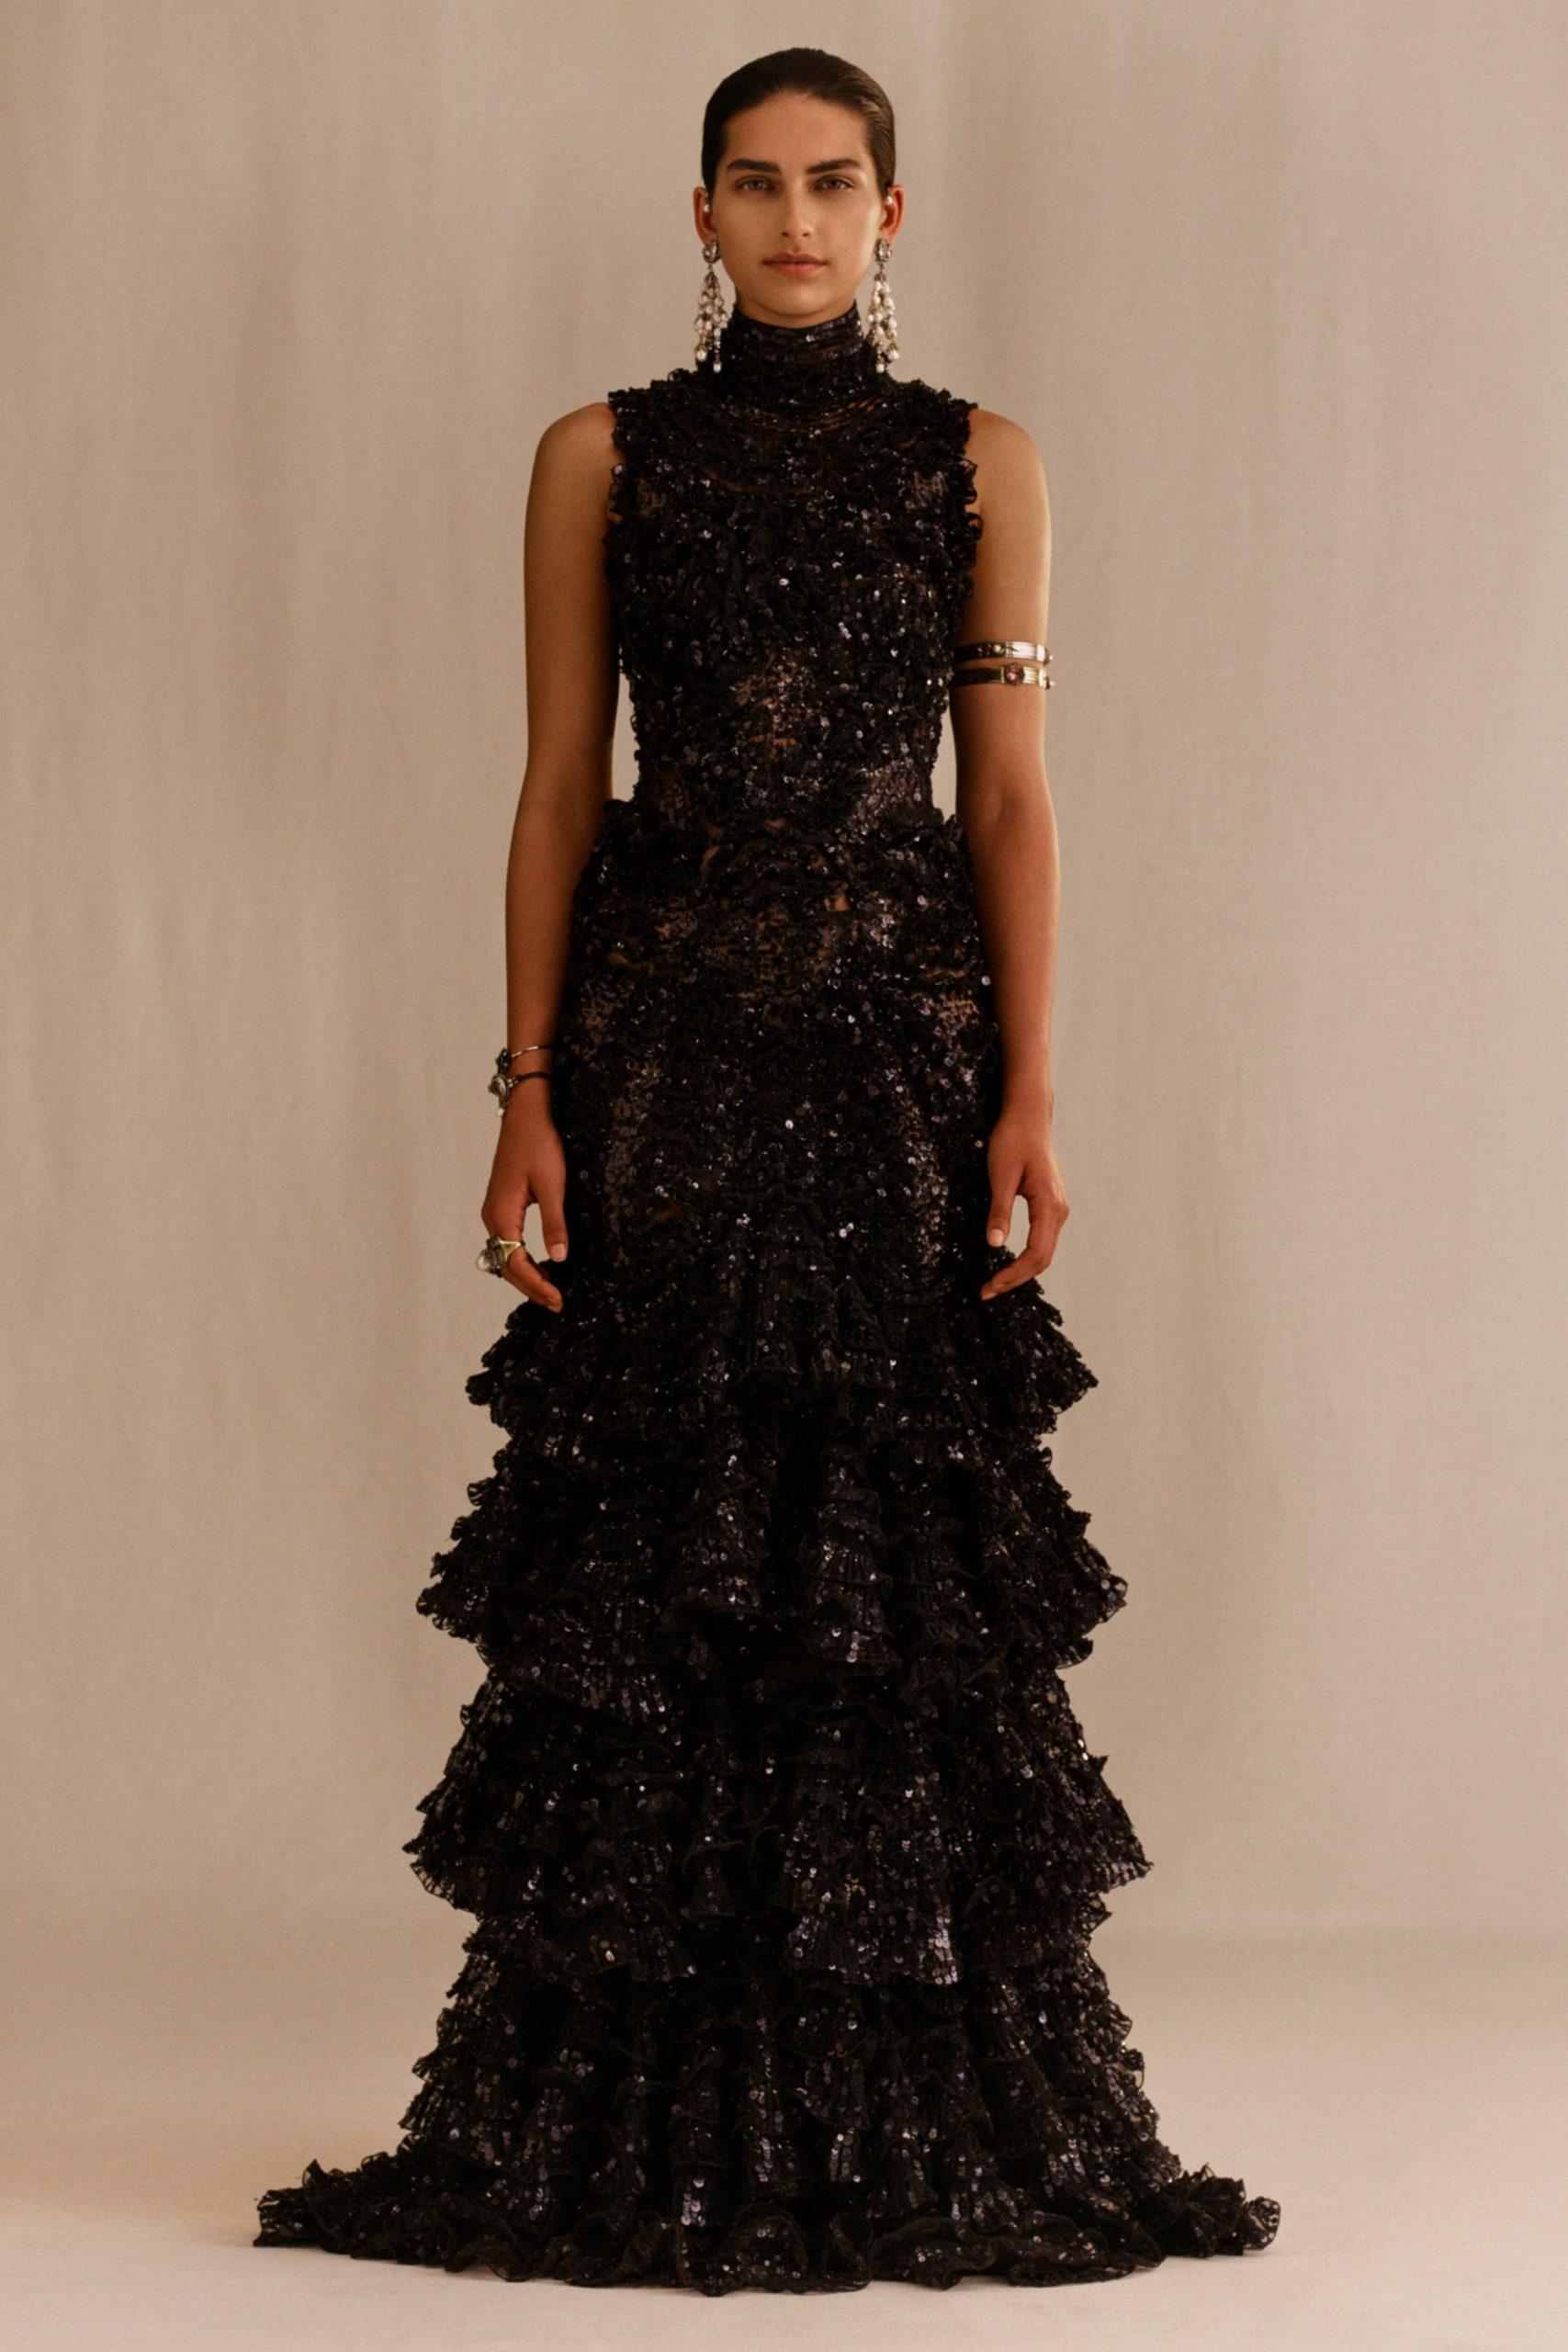 15 Wunderbar Alexander Mc Queen Abendkleid SpezialgebietAbend Coolste Alexander Mc Queen Abendkleid Vertrieb